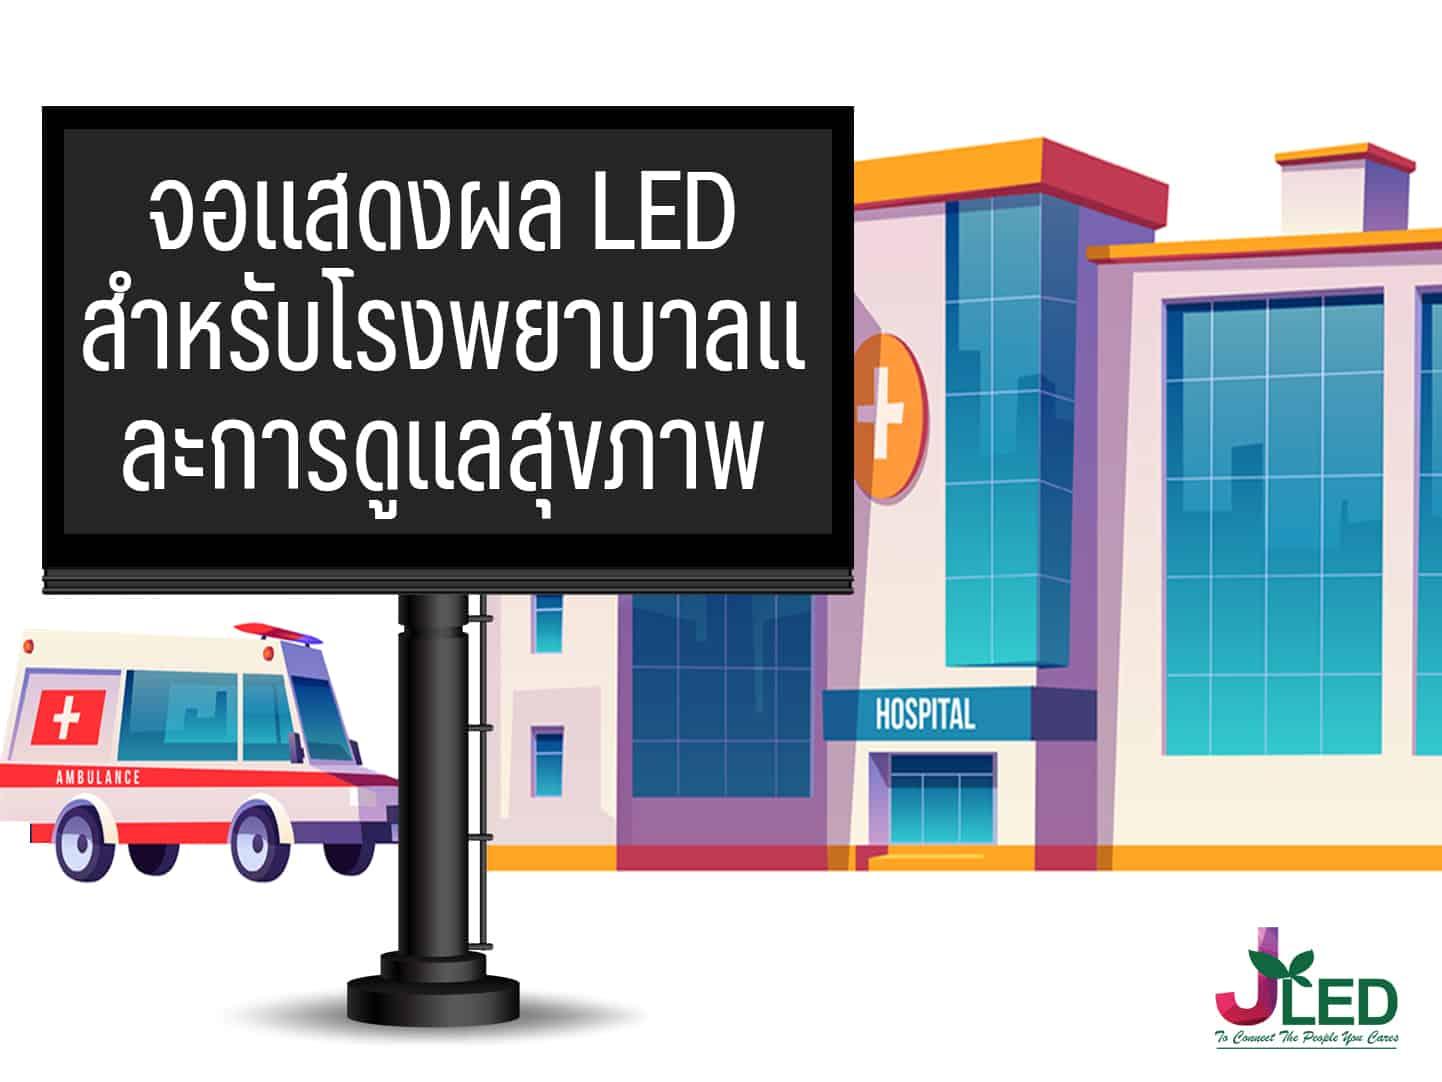 จอแสดงผล LED สำหรับโรงพยาบาลและการดูแลสุขภาพ jled led display